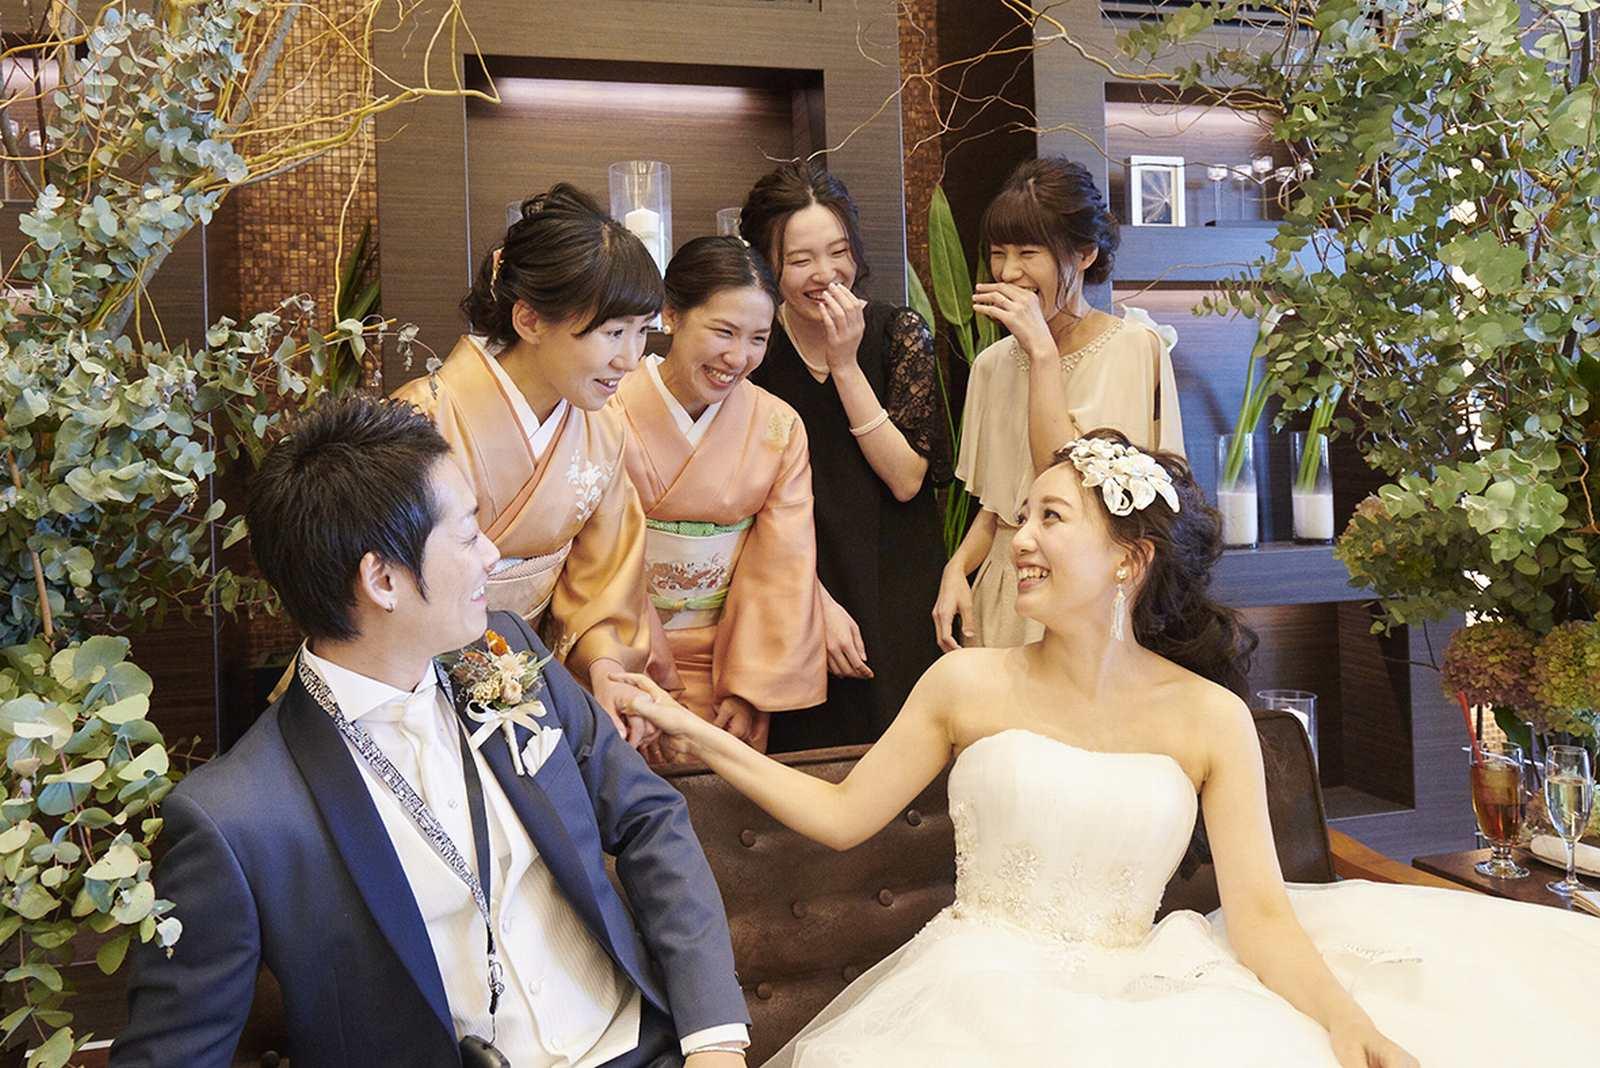 徳島県の結婚式場ブランアンジュのソファ席で談笑